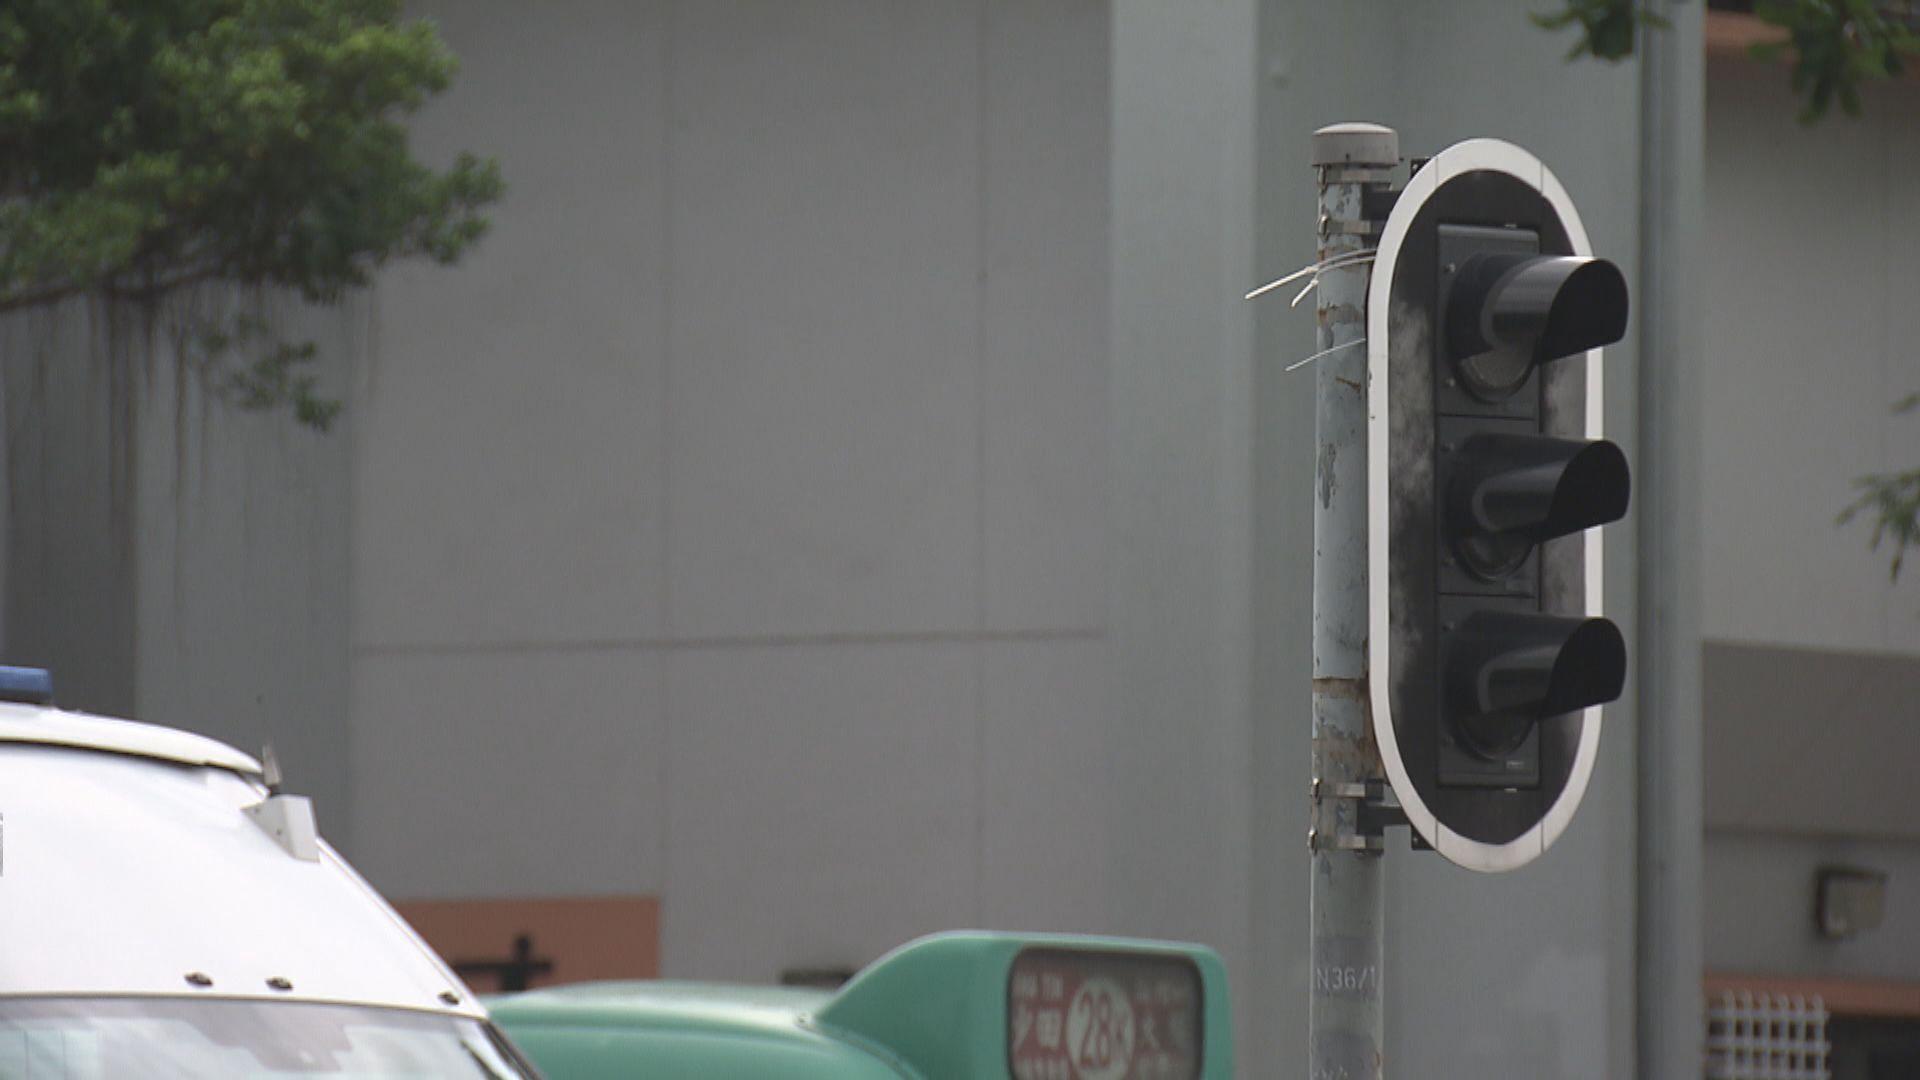 運輸署指約50組交通燈未修復 爭取兩星期內完成